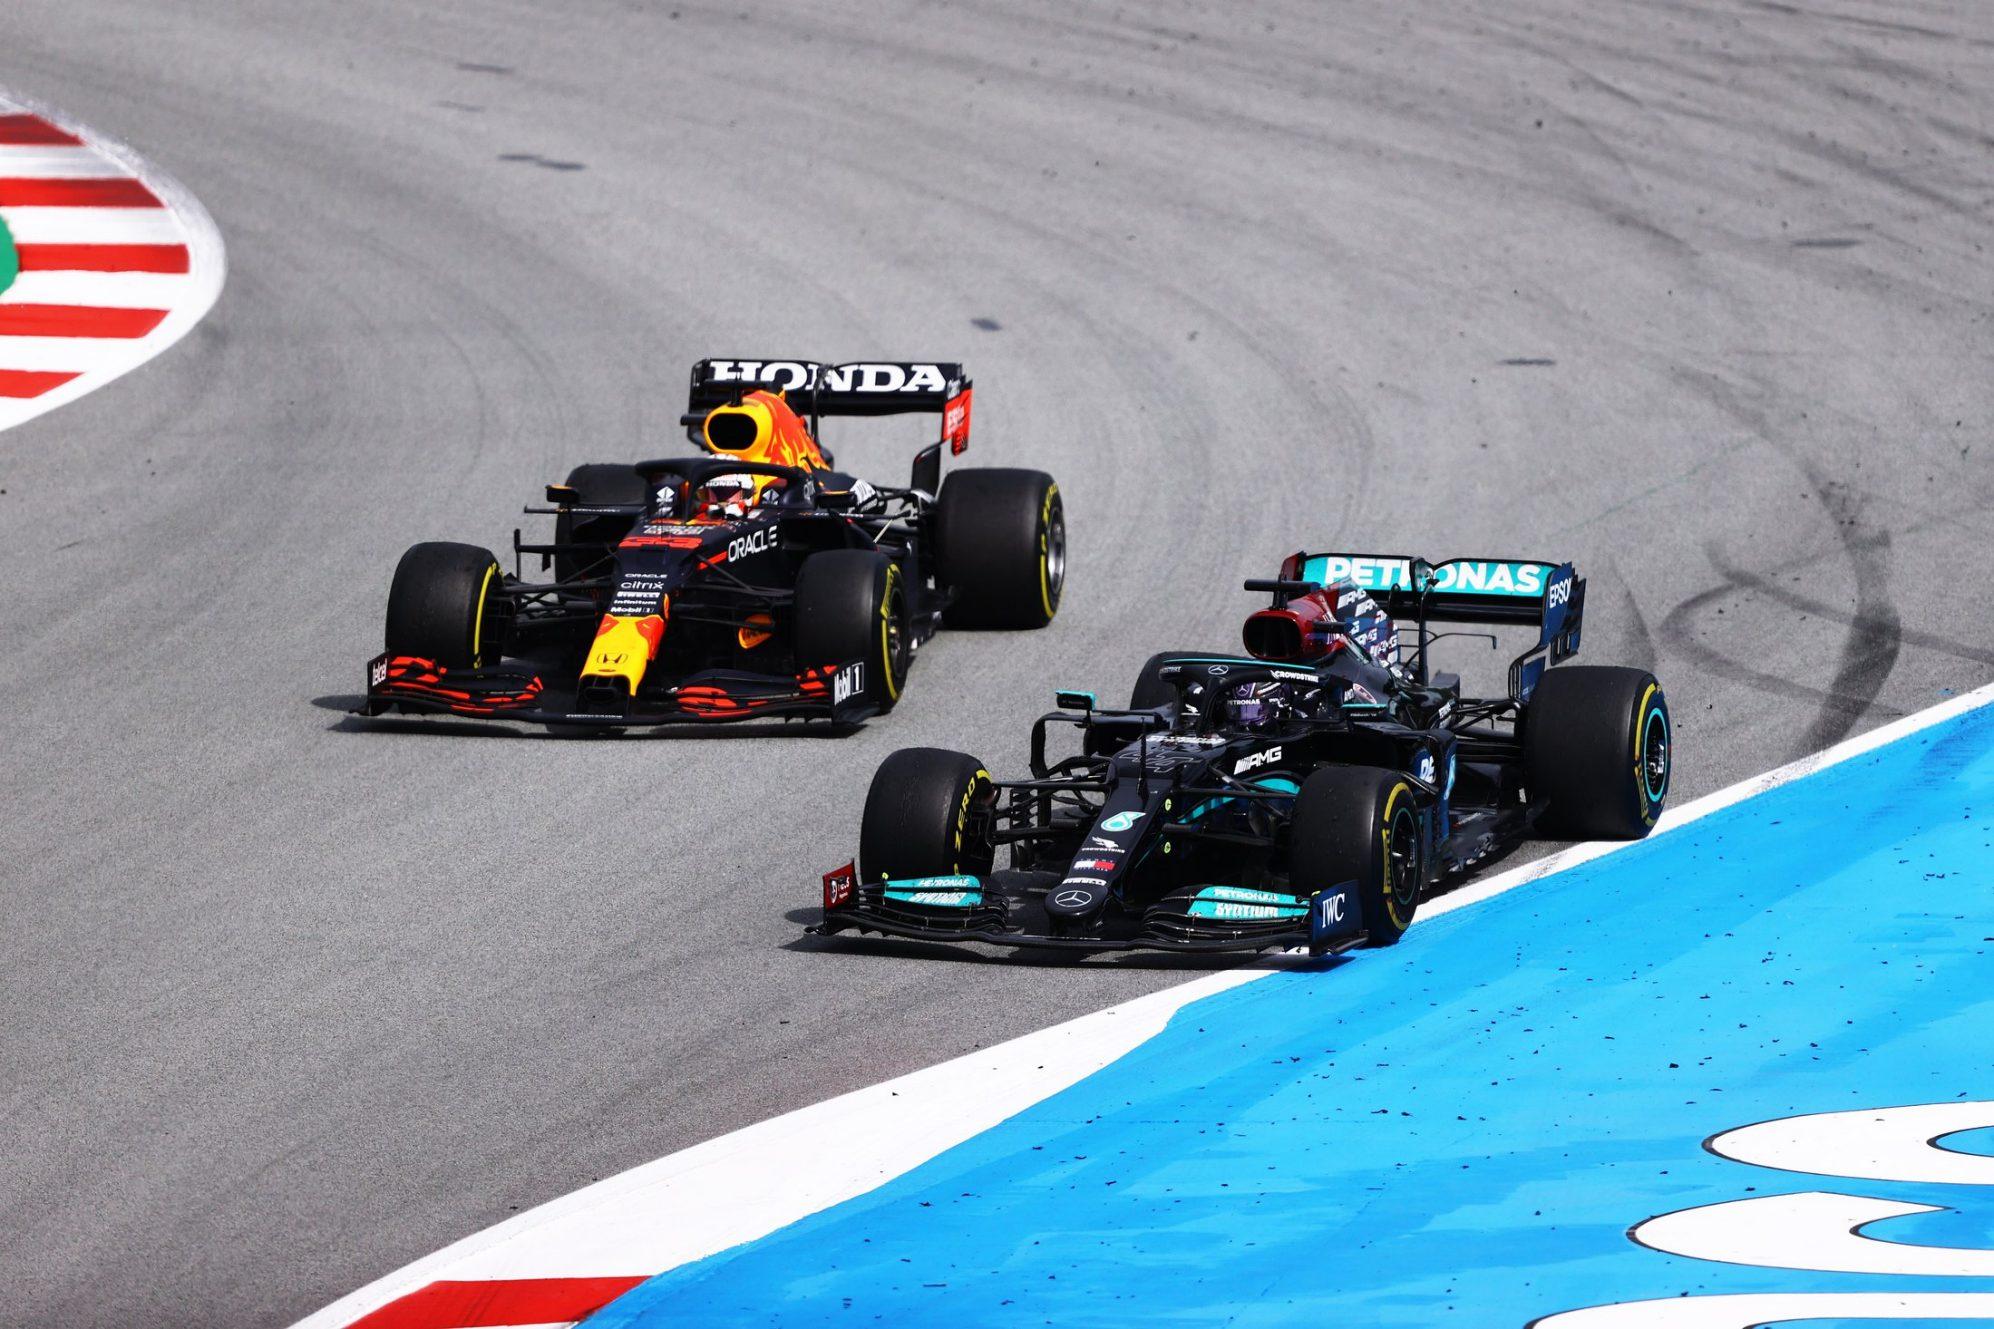 Mercedes chứng tỏ sức mạnh tại GP Tây Ban Nha -0